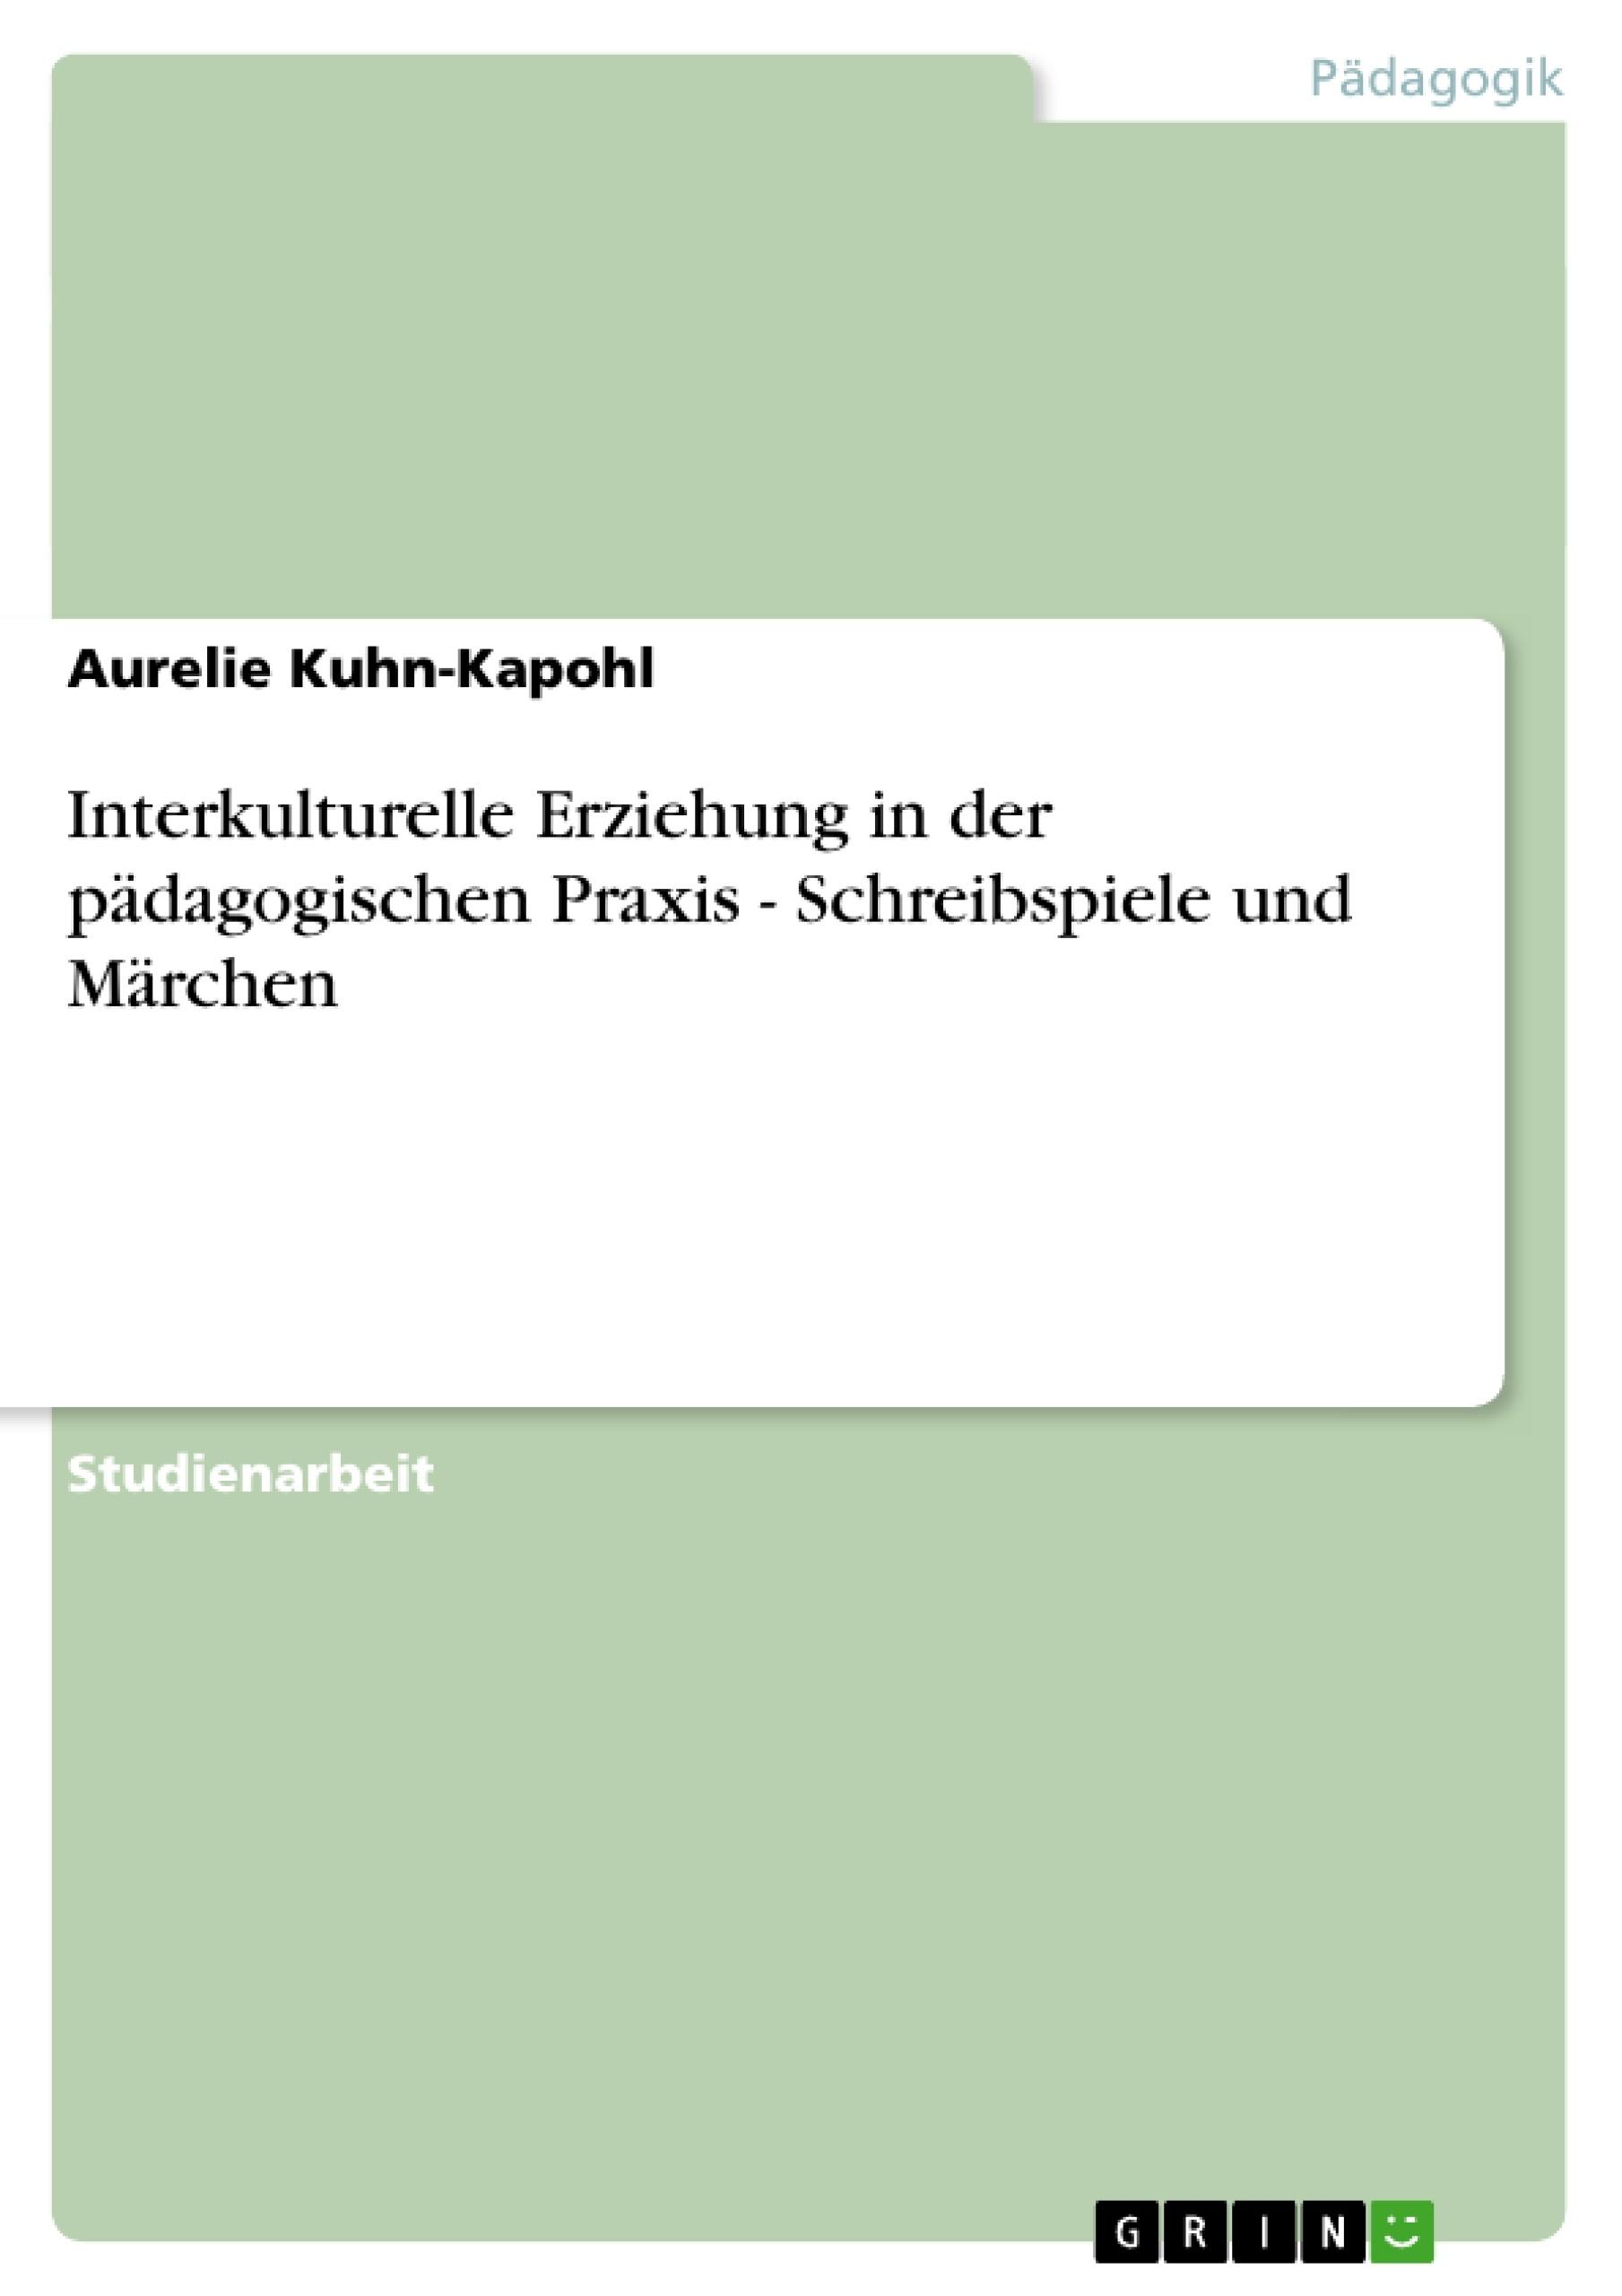 Titel: Interkulturelle Erziehung in der pädagogischen Praxis - Schreibspiele und Märchen